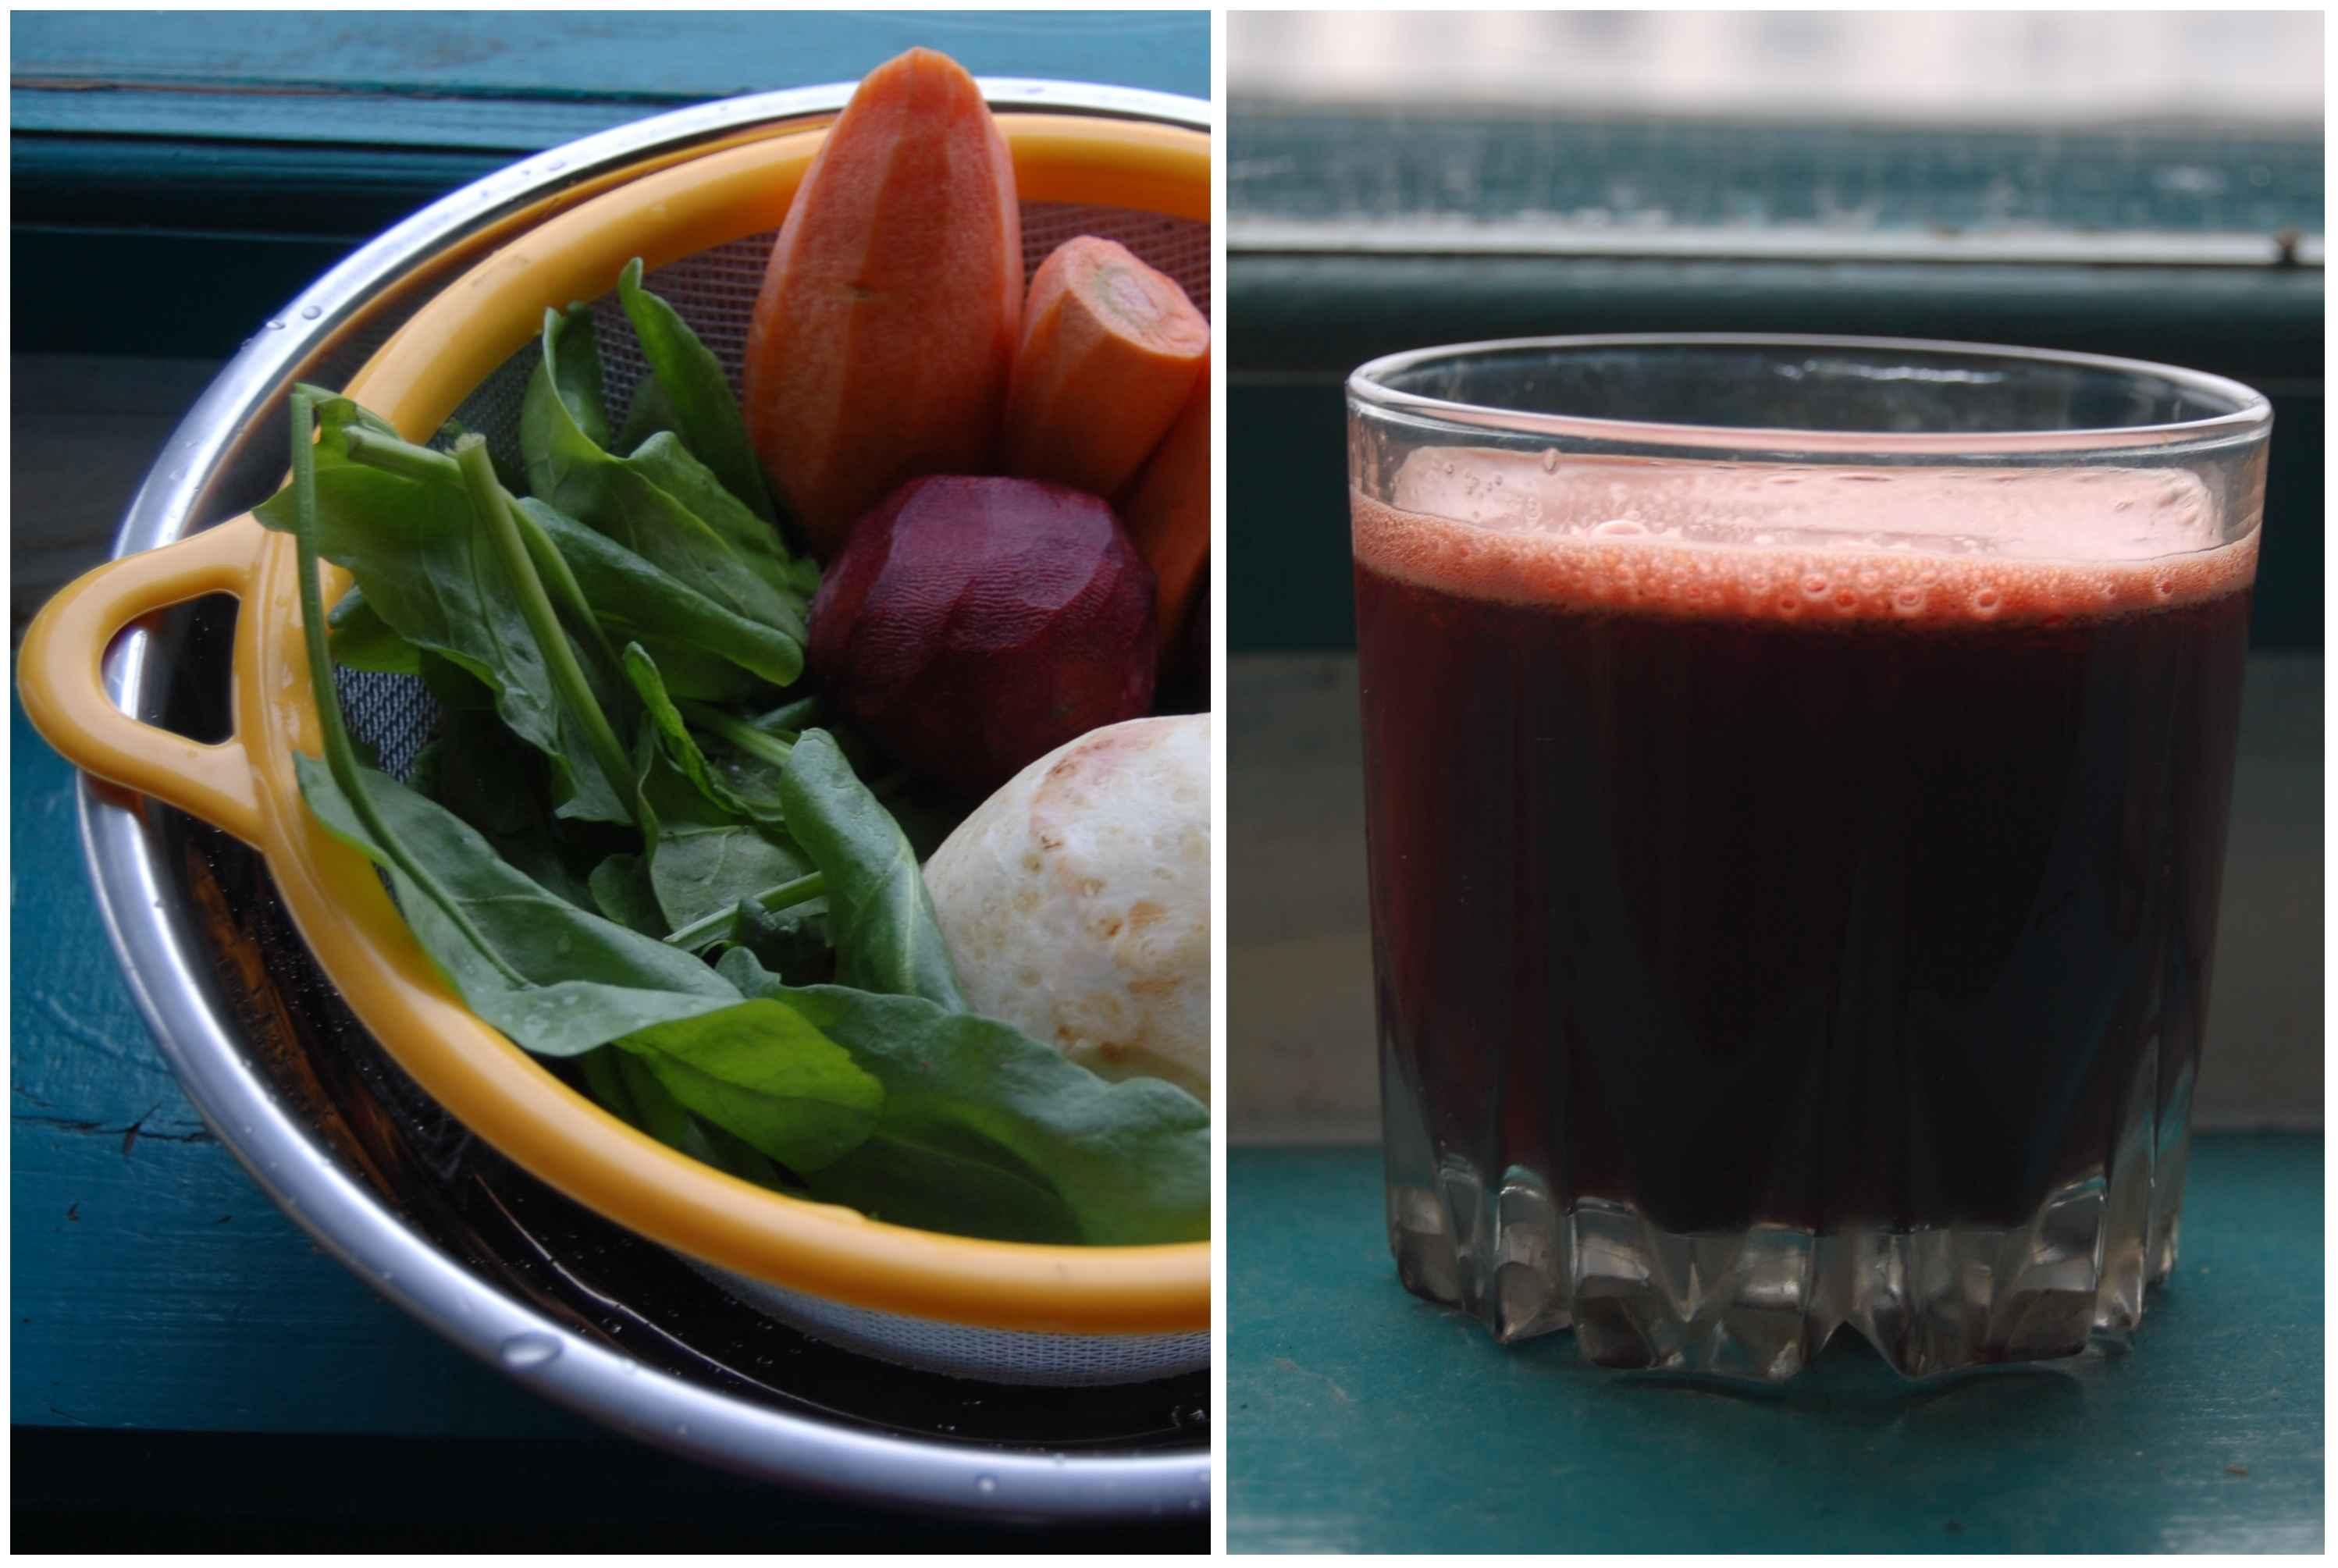 Диета (разгрузочные дни) на свежих соках (фрешах) - голодание на соках